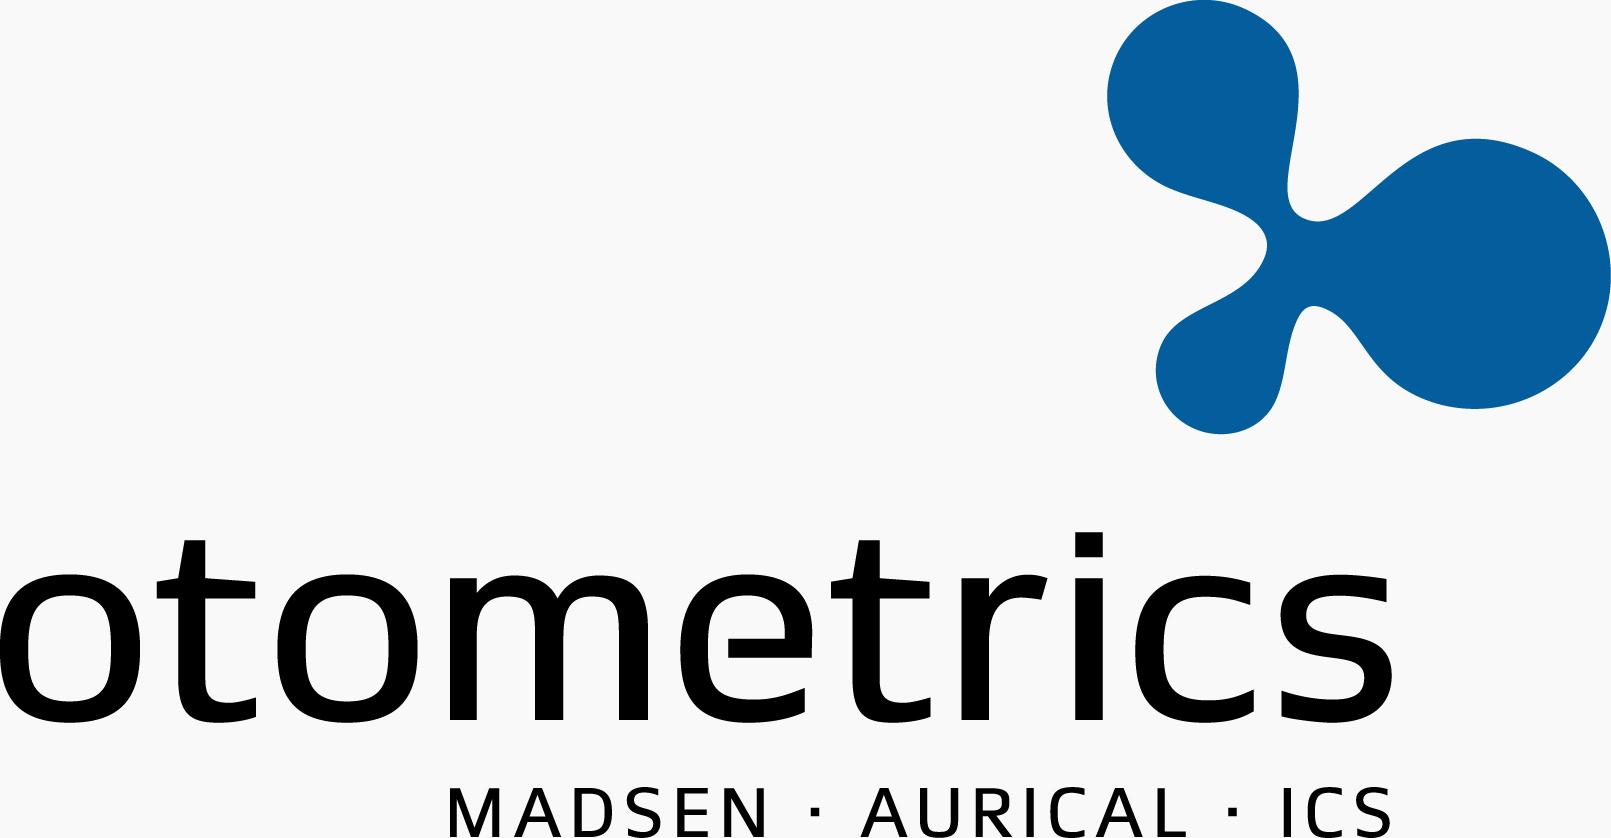 מכשור וציוד רפואי מבית Otometrics